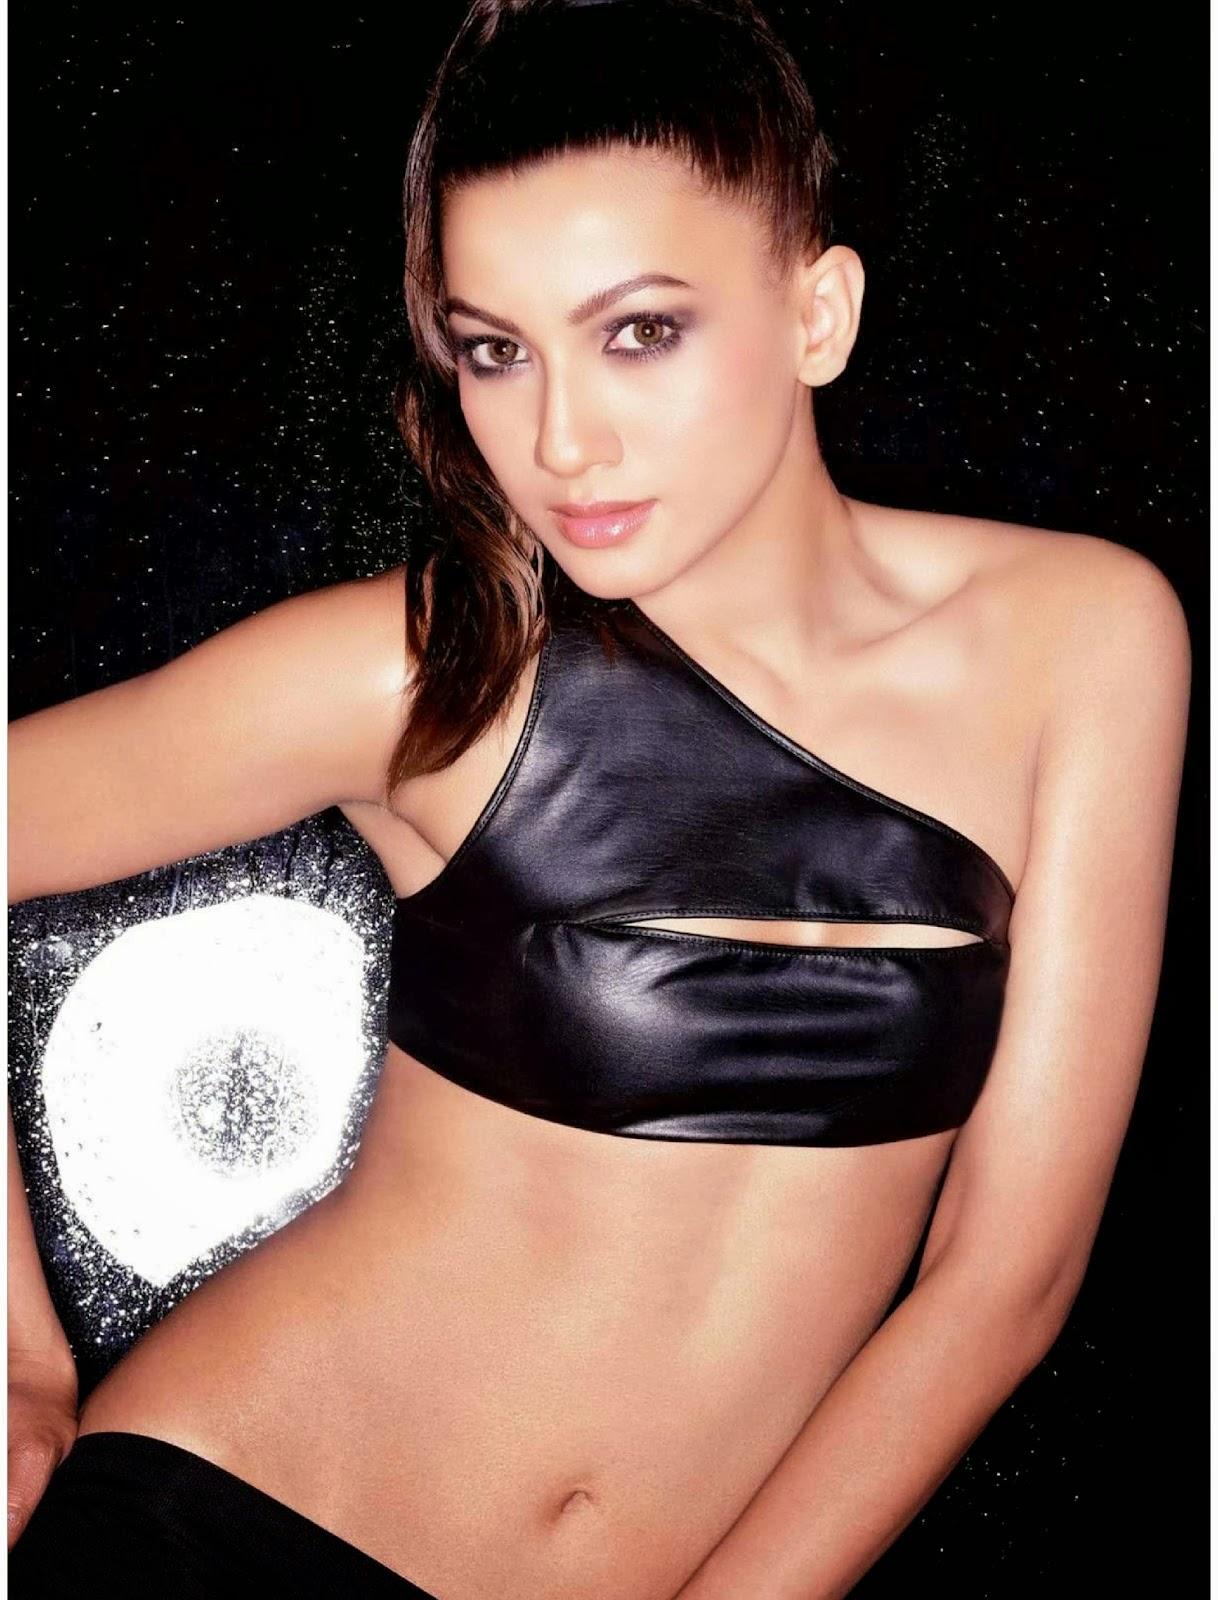 Gauhar Khan sexy Hot Photoshoot in Bikini for Maxim magazine